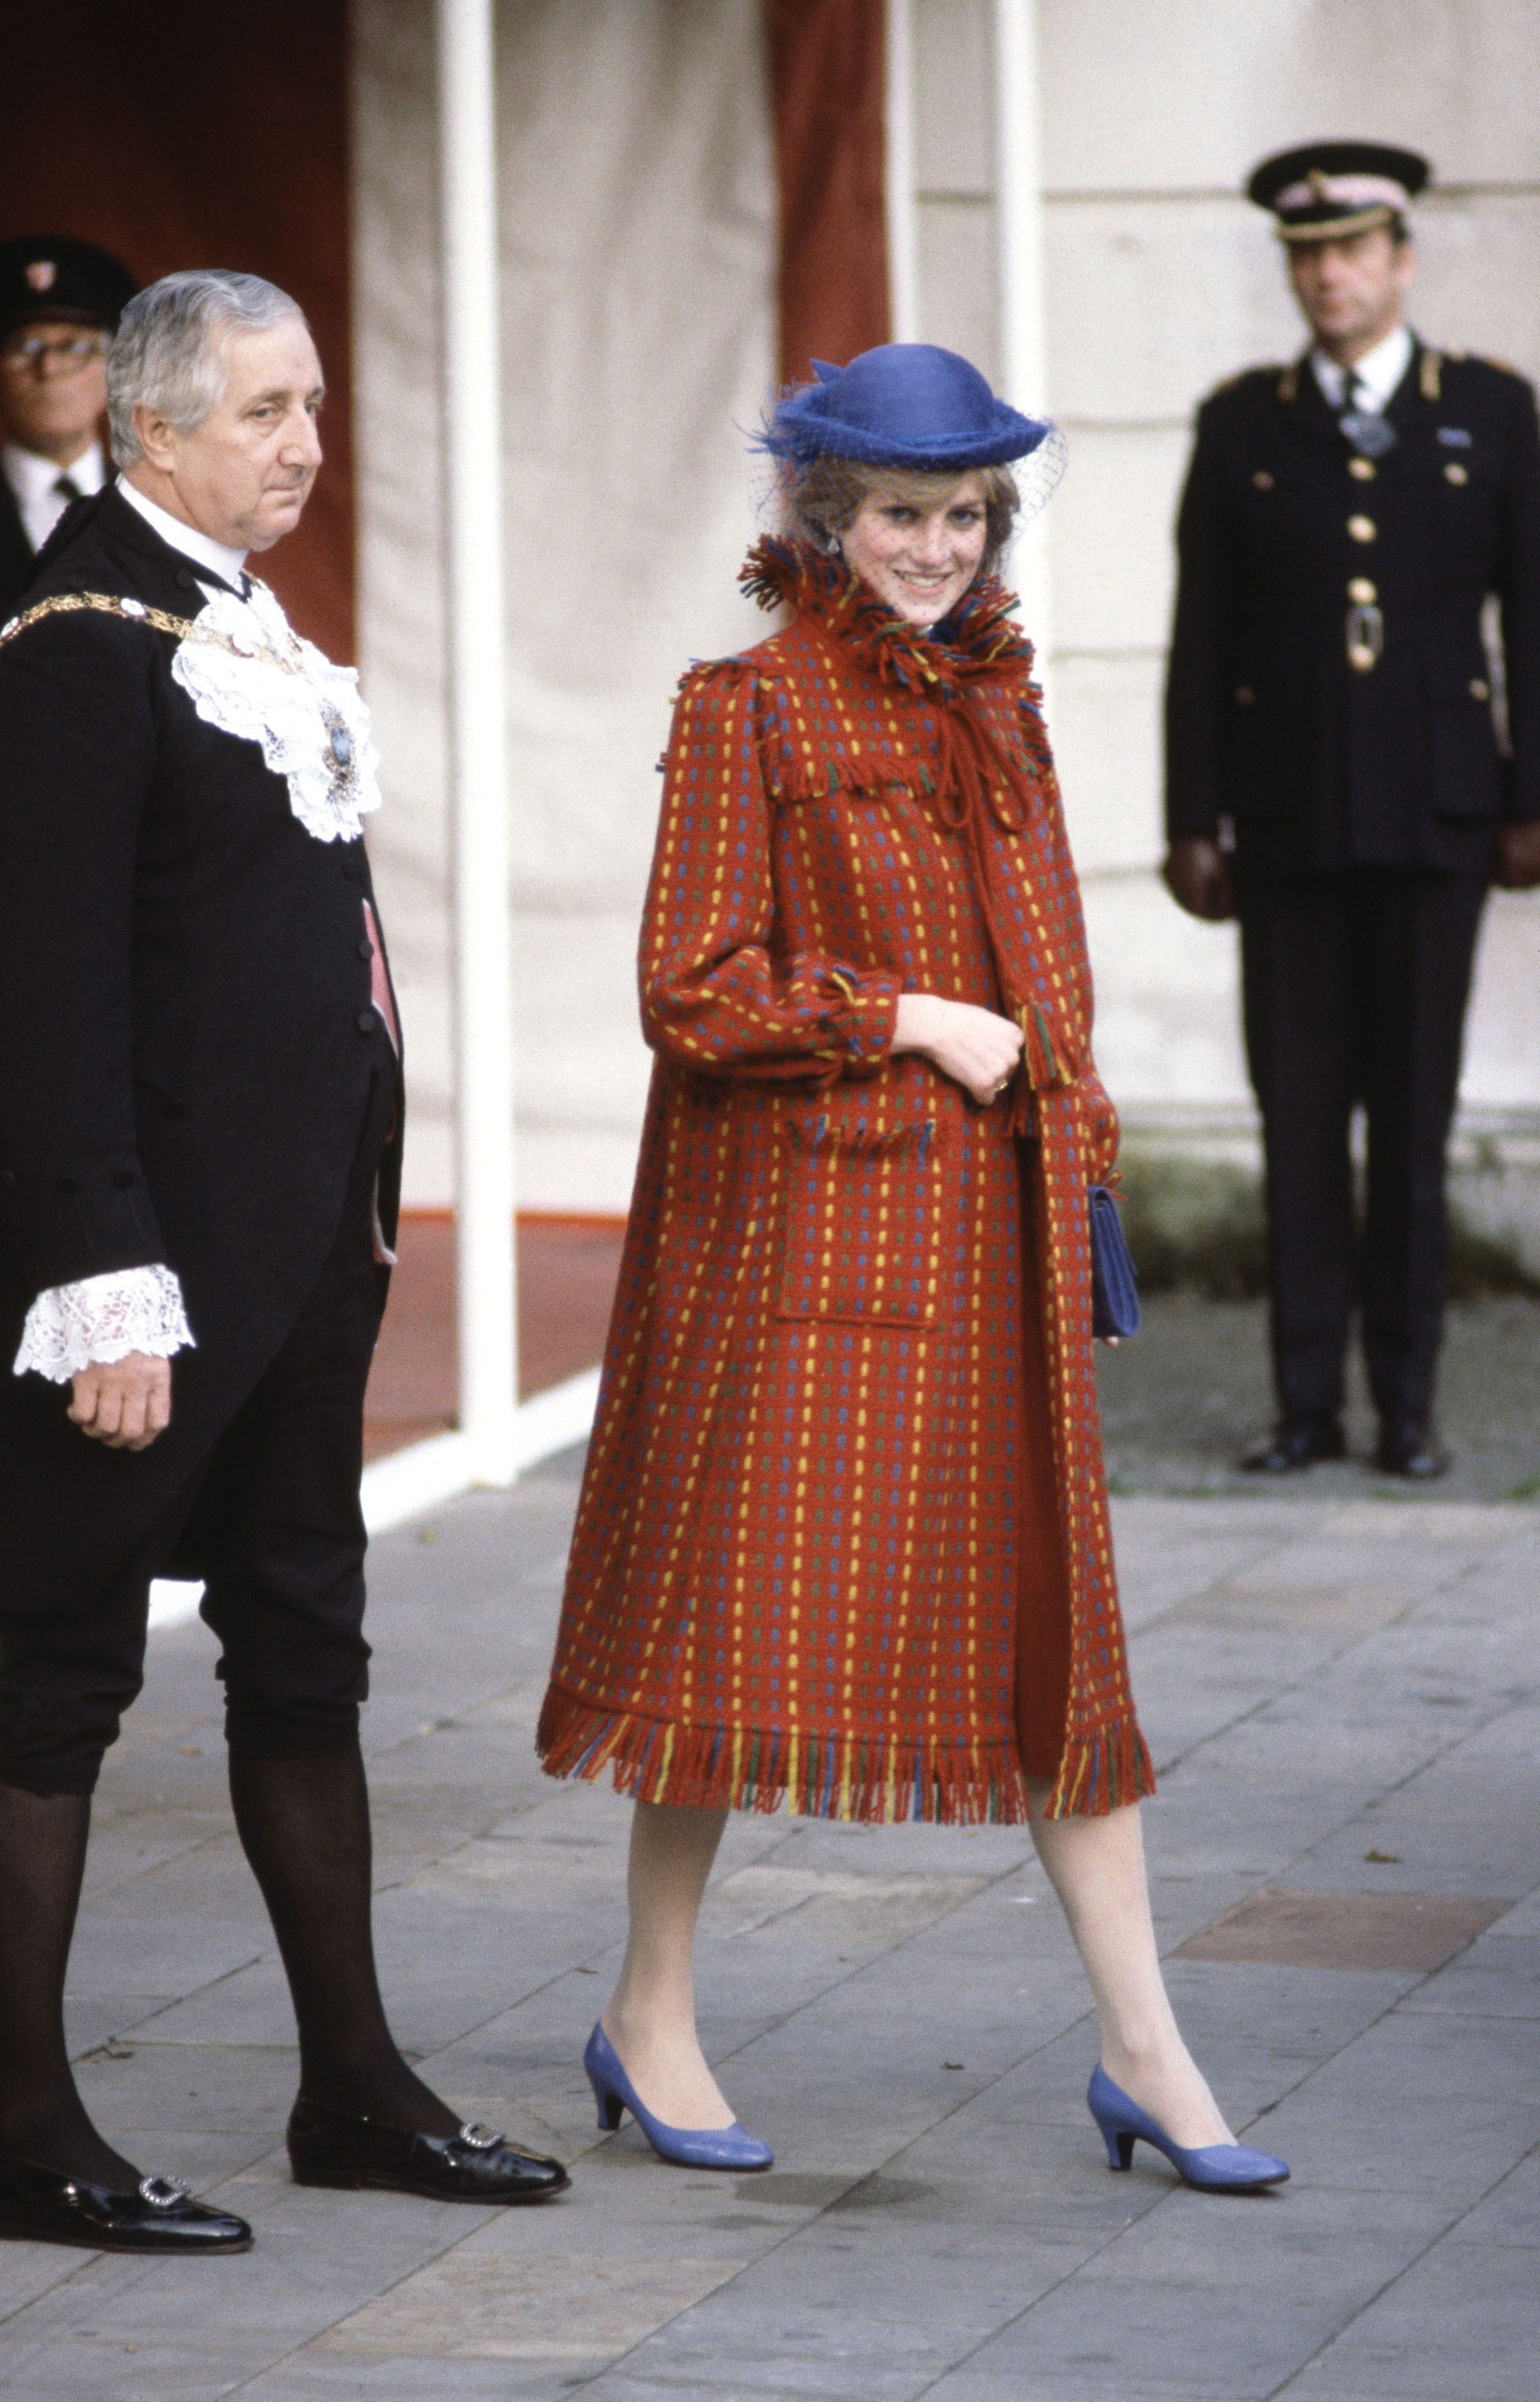 Nhan sắc và khí chất hoàn hảo của cố Công nương Diana trong những khoảnh khắc xưa-9